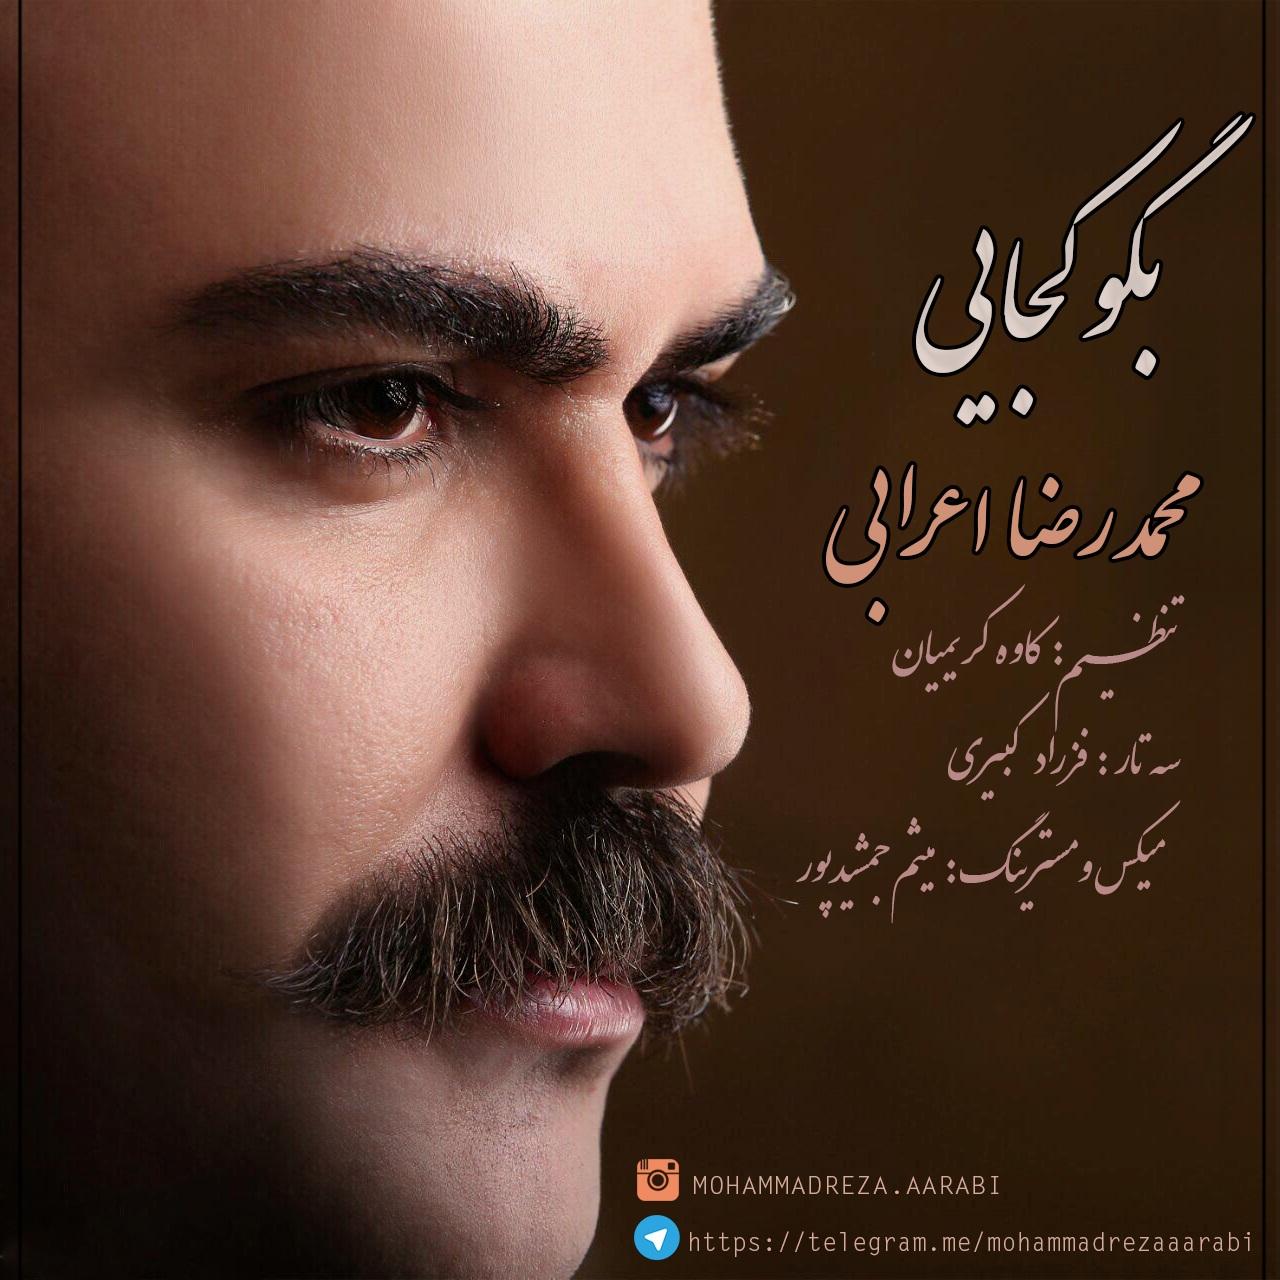 دانلود آهنگ جدید محمد رضا اعرابی به نام بگو کجایی